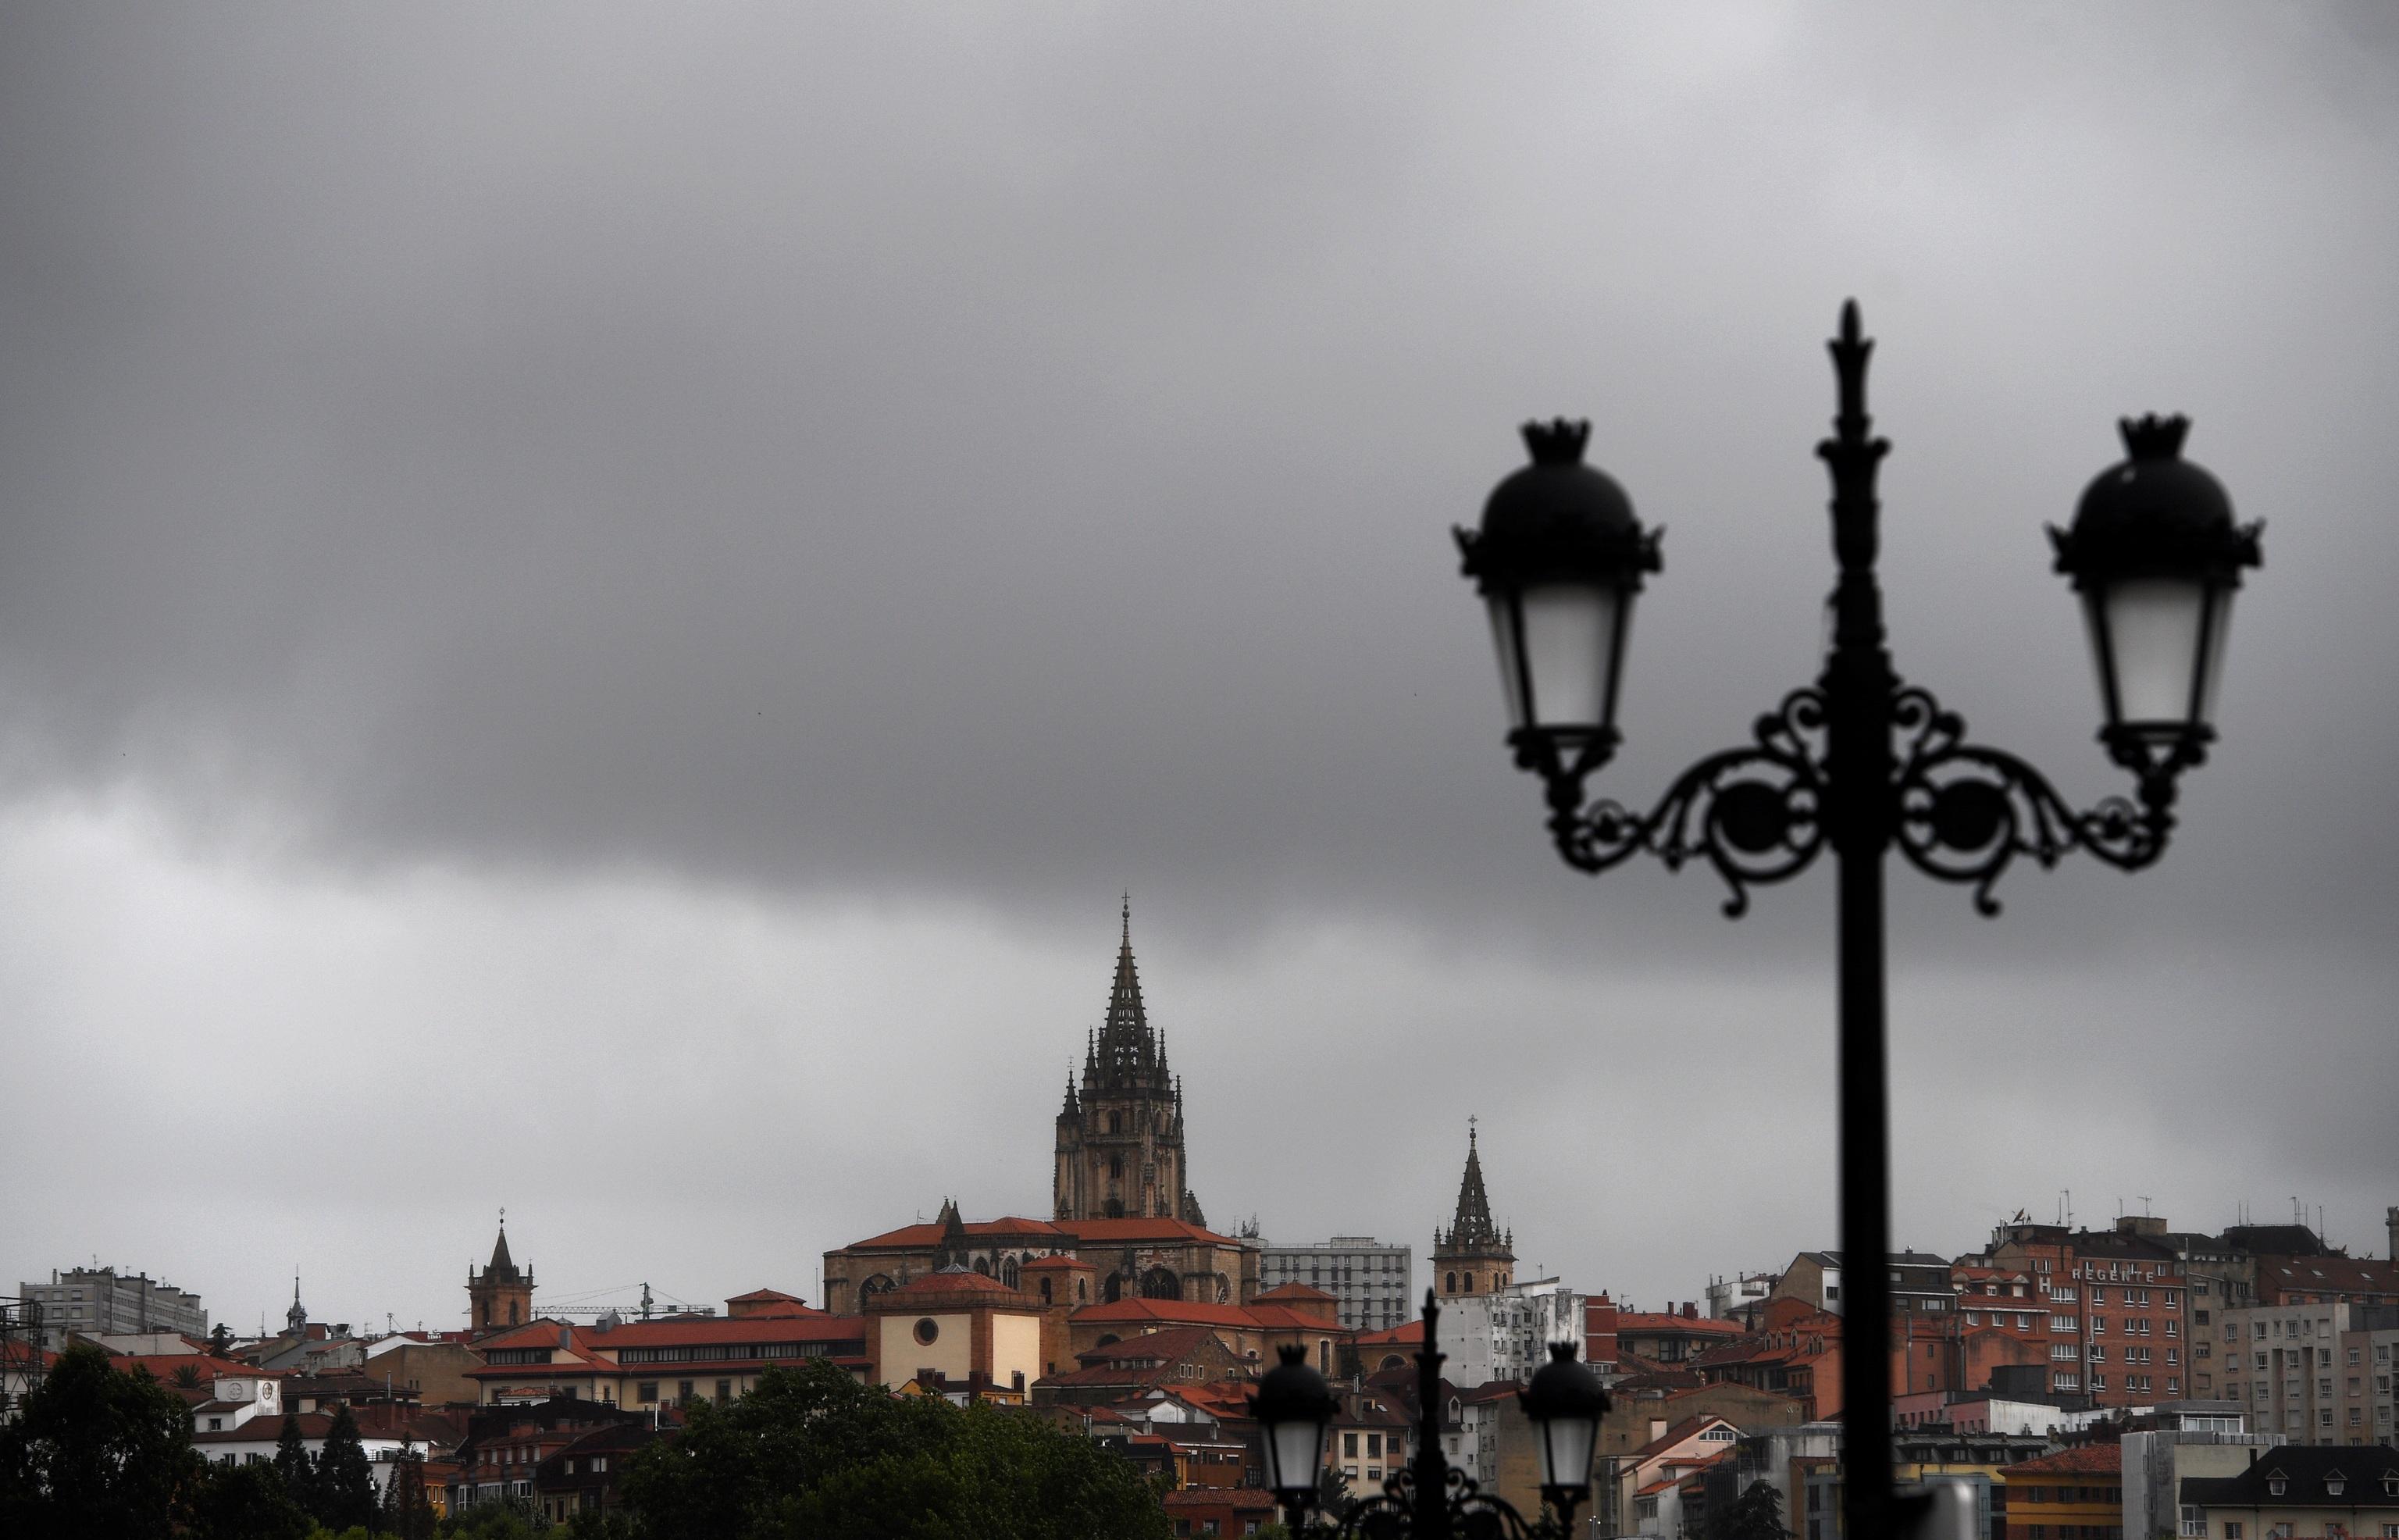 Des nuages noirs recouvrent le ciel d'Oviedo ce vendredi.  L'Agence météorologique de l'État